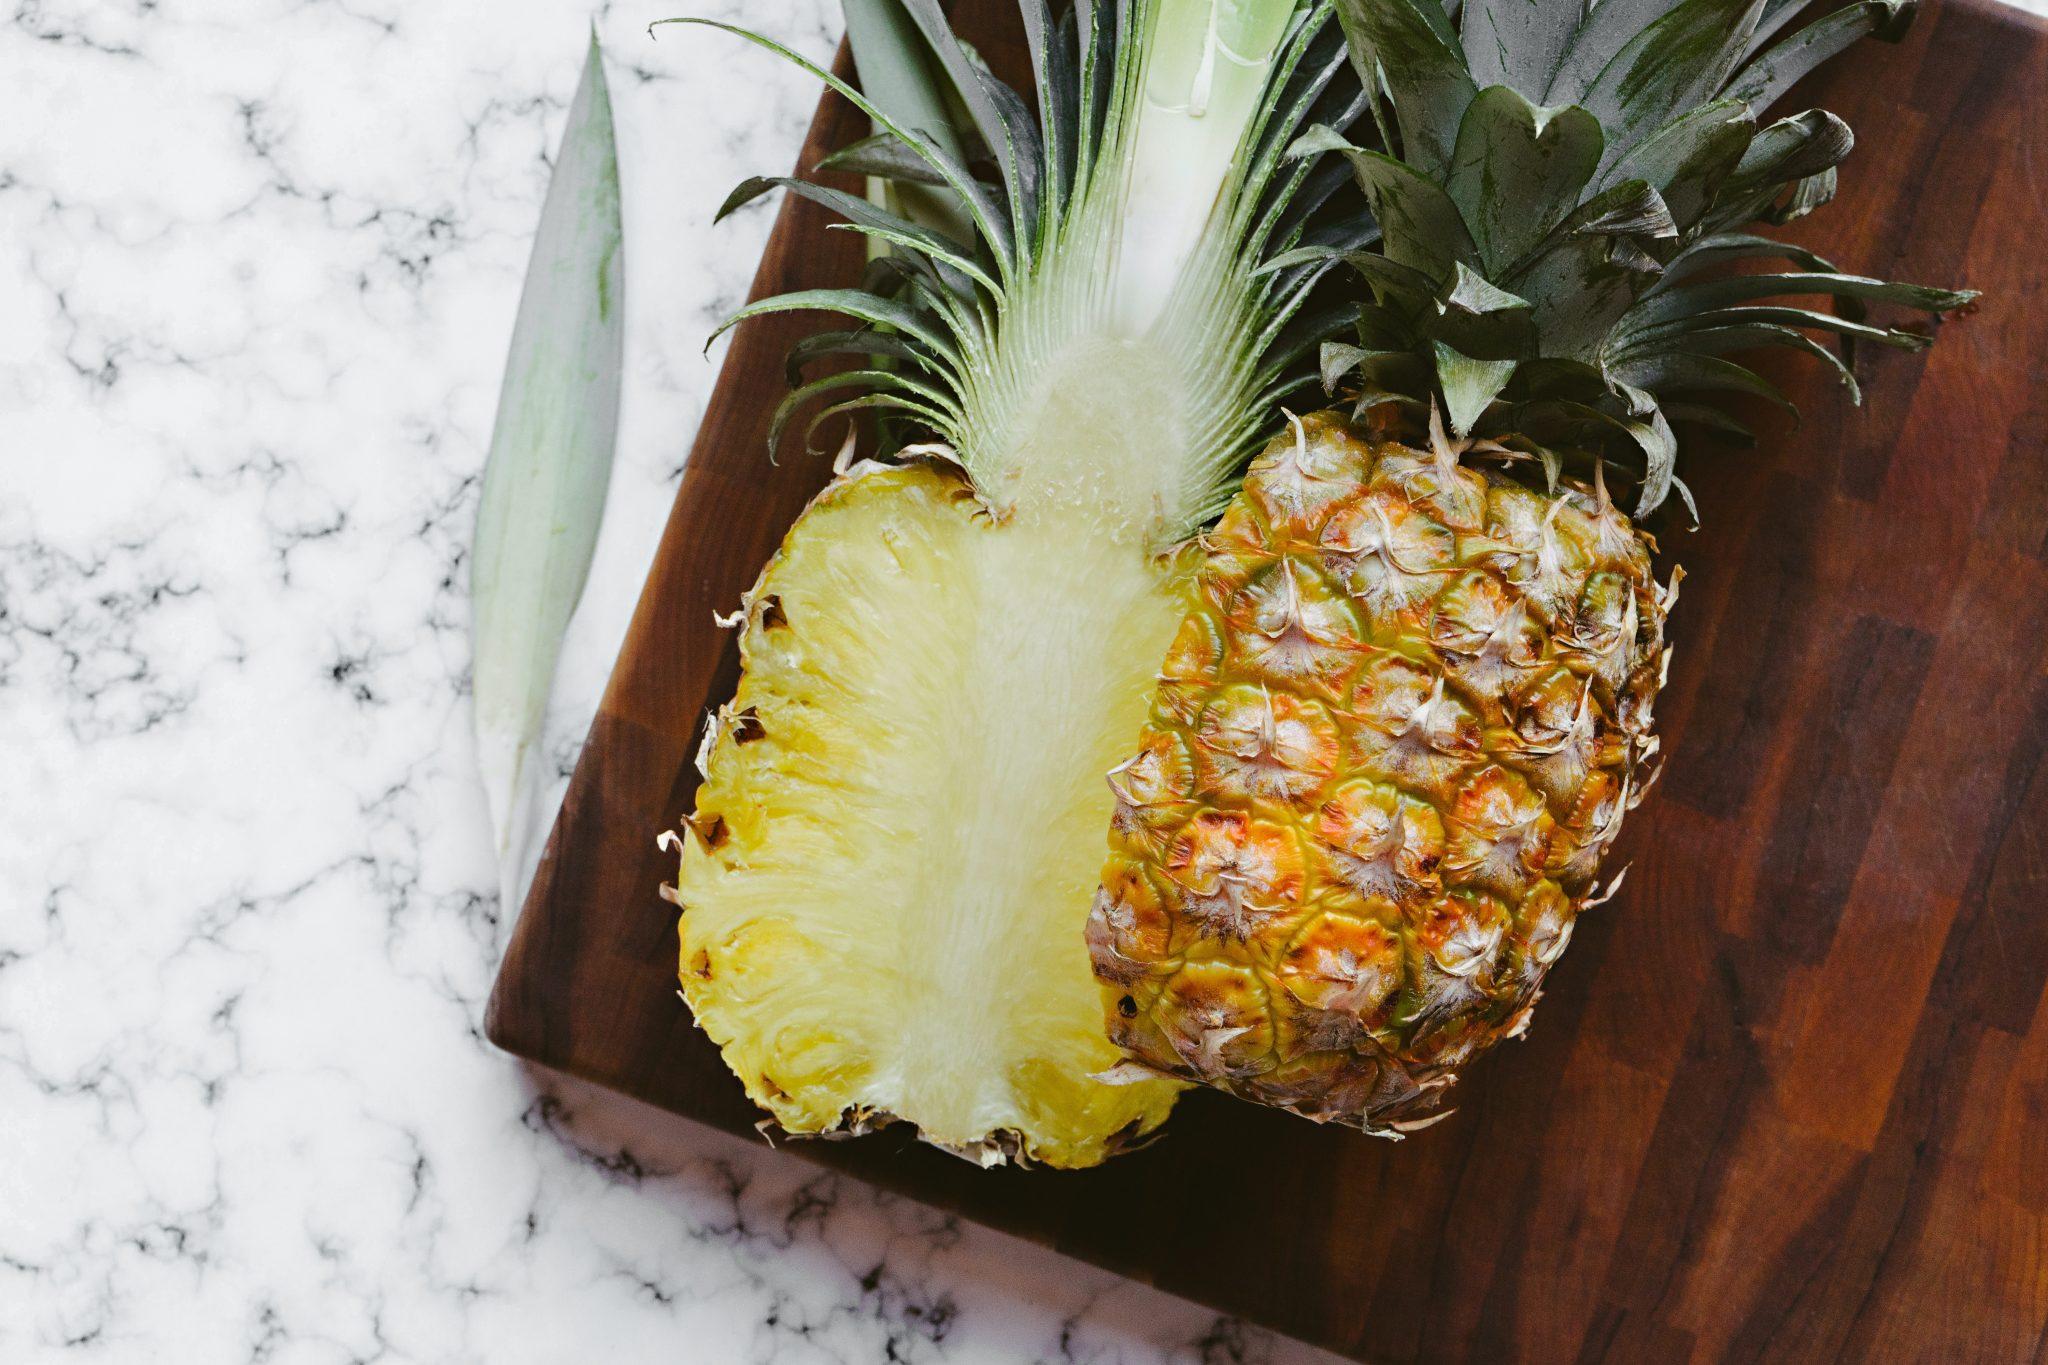 5 Τροπικά φρούτα - Δείτε τη διατροφική τους αξία και τα οφέλη τους Ανανάς